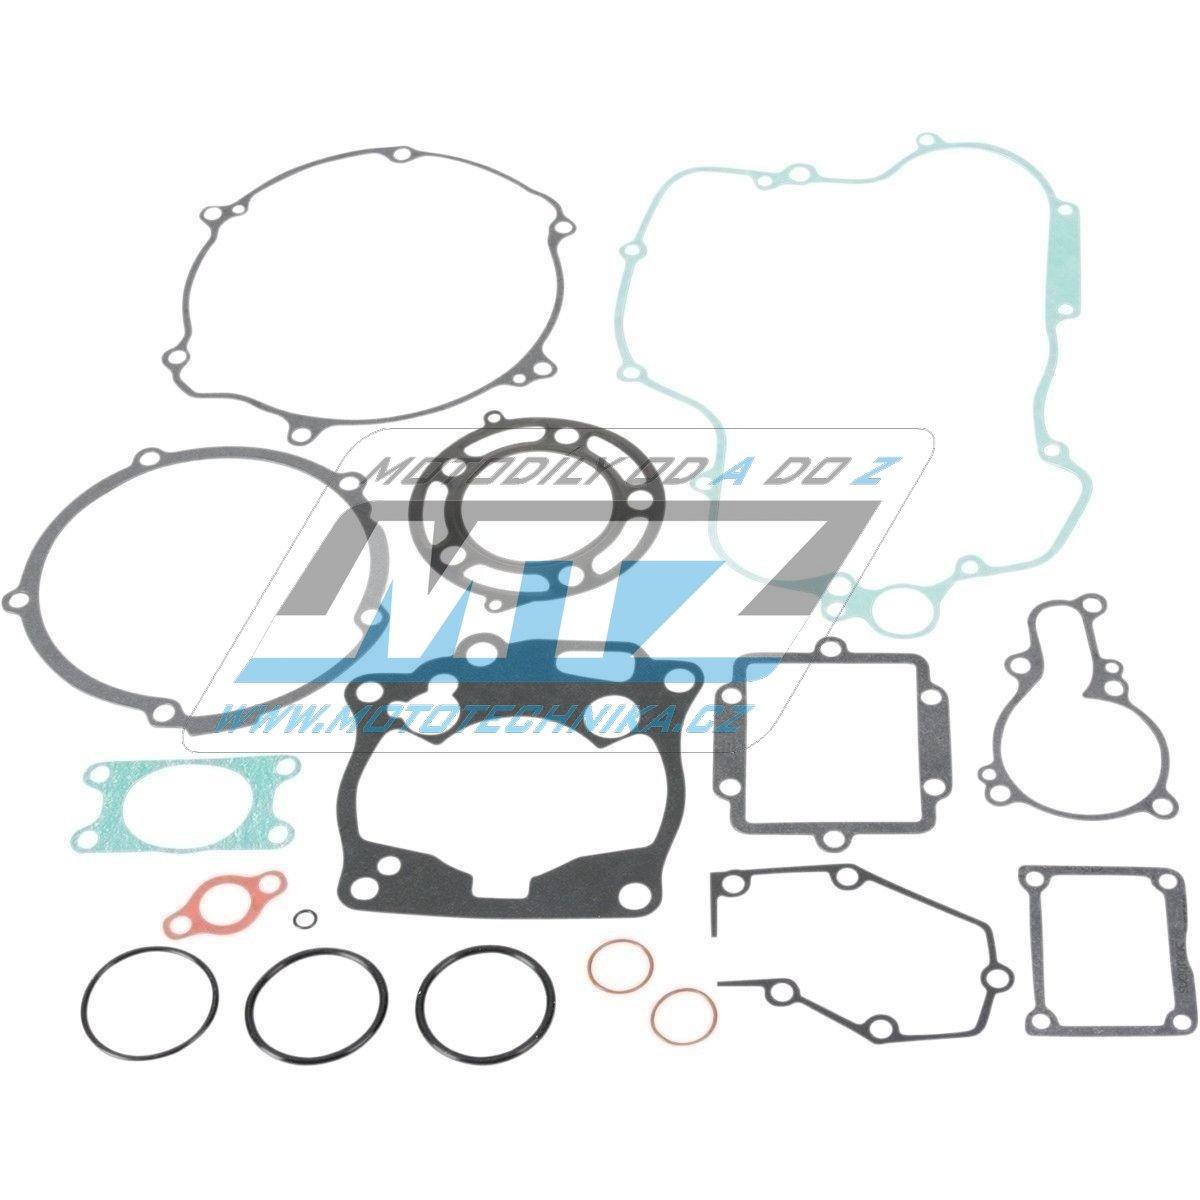 Těsnění kompletní motor Kawasaki KX125 / 98-00